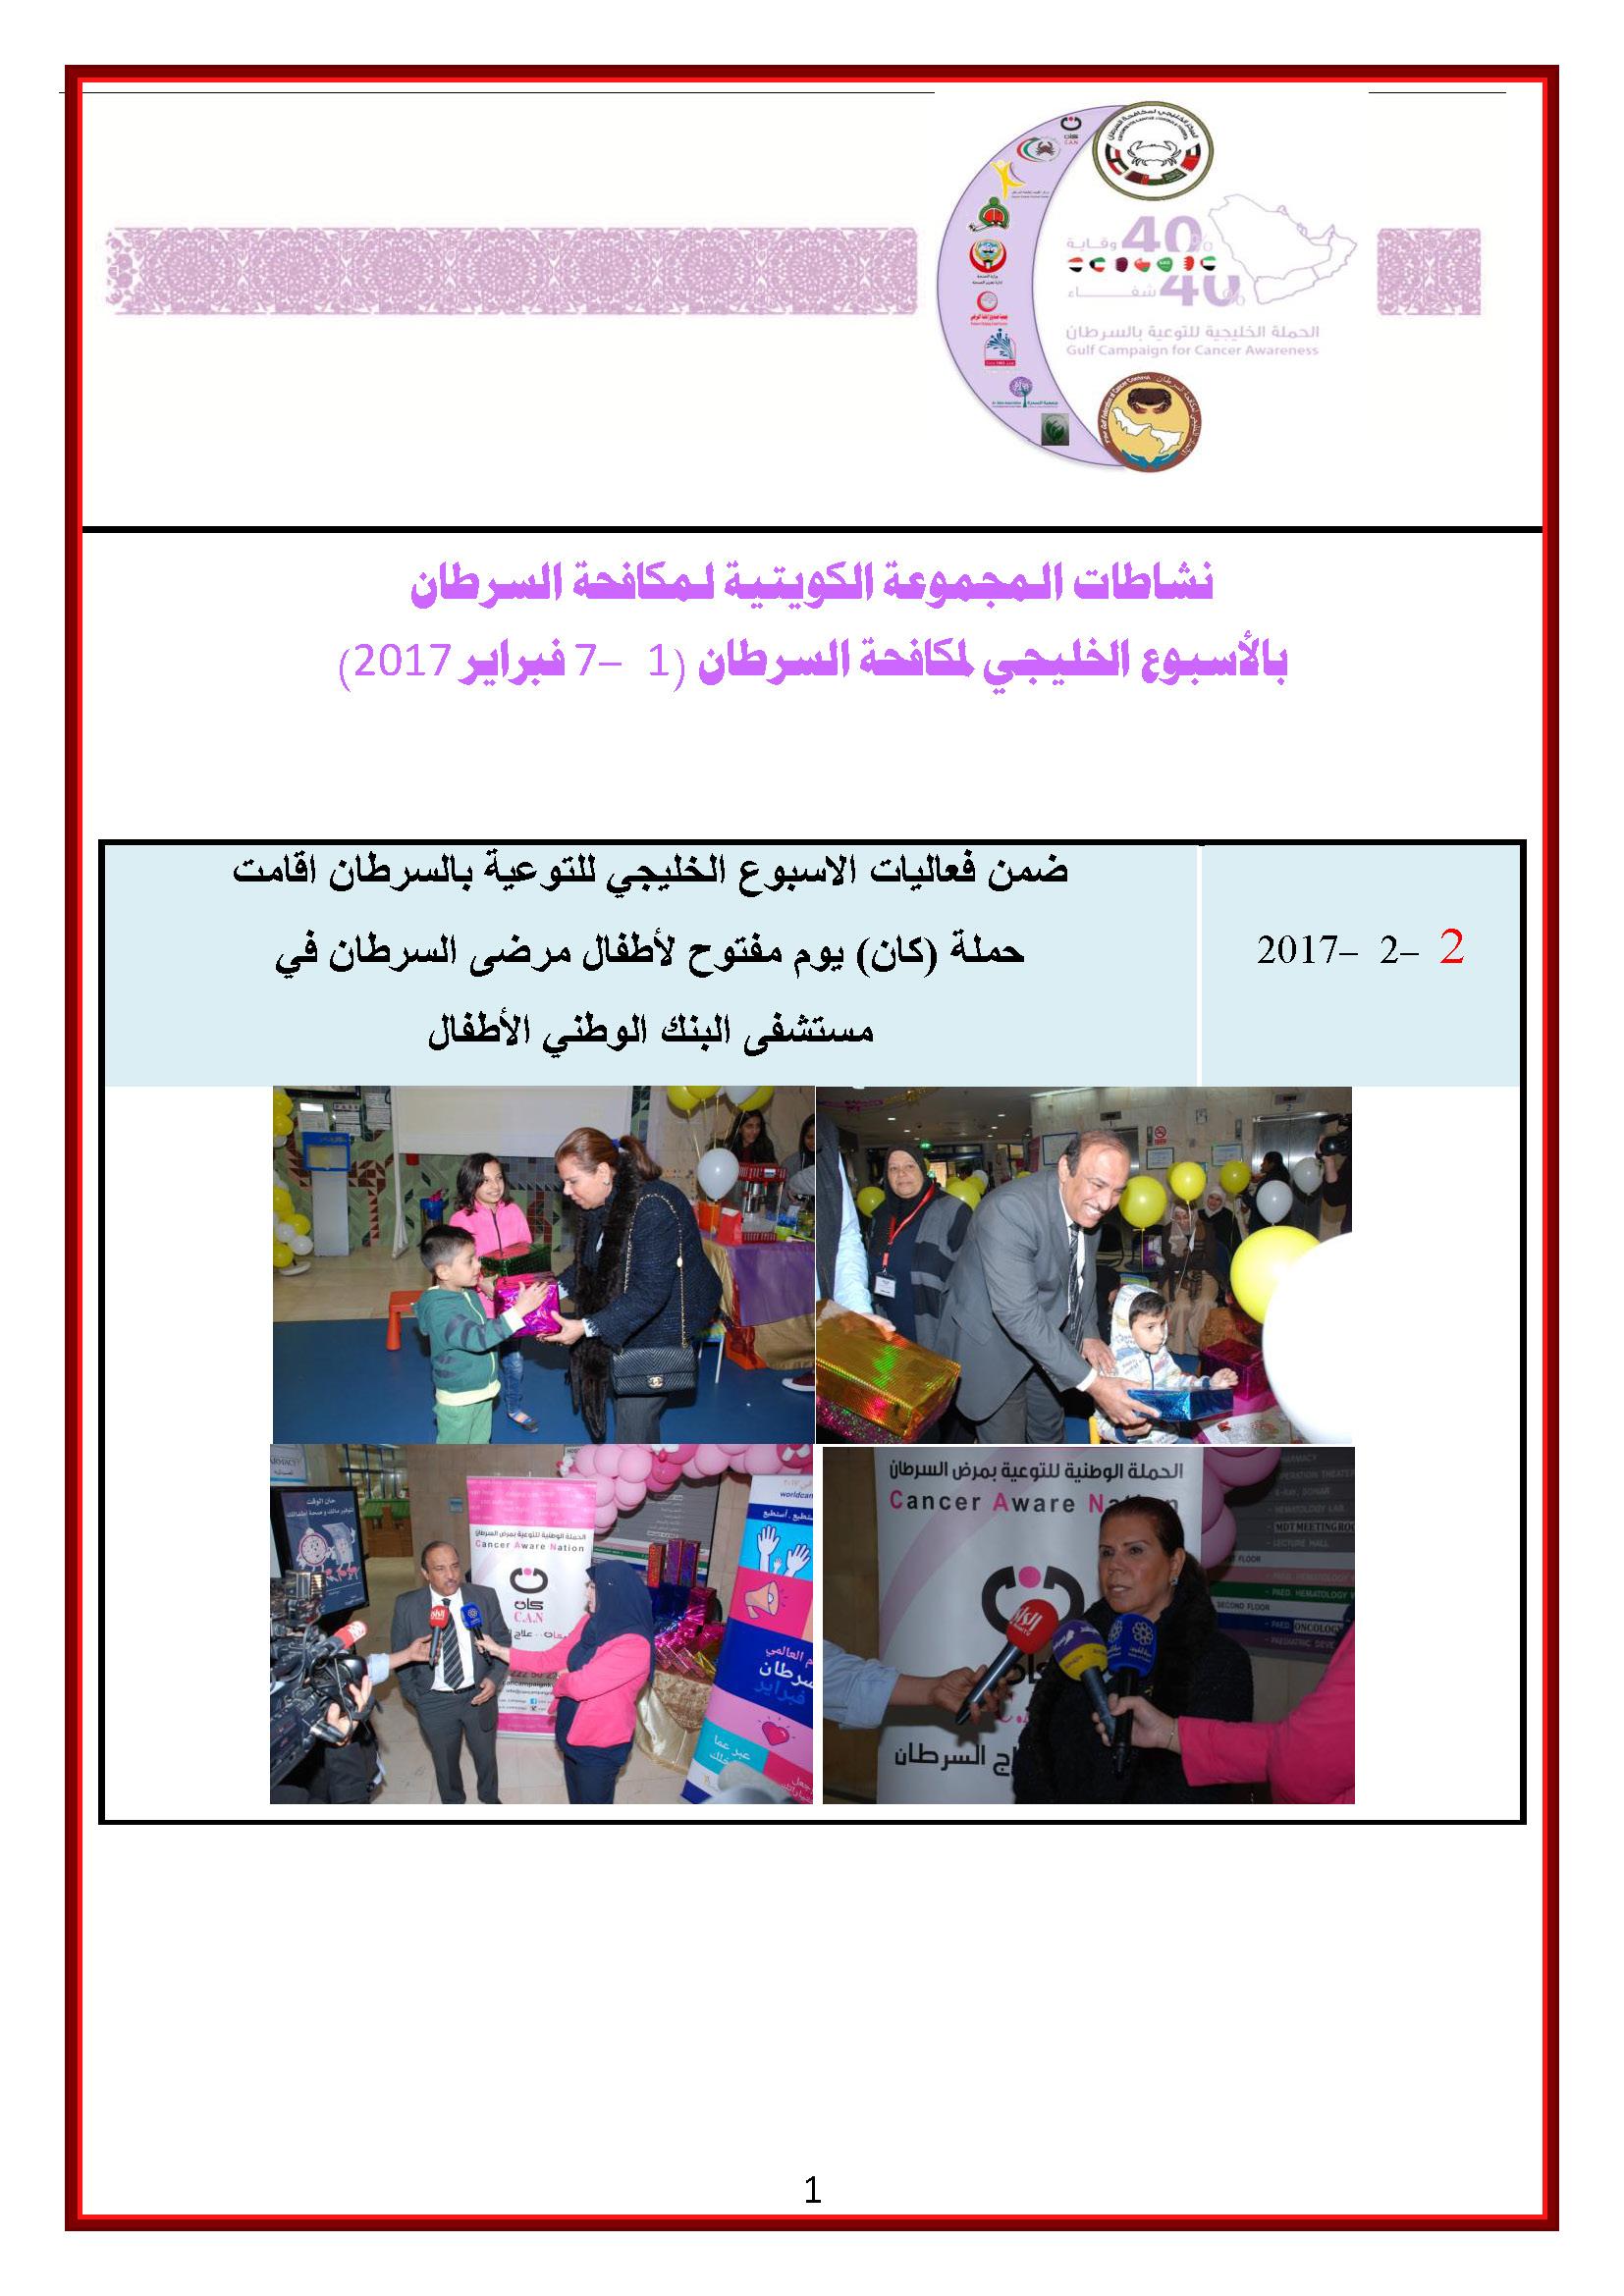 تقرير - نشطات الاسبوع الخليجي 2017 من  2-6 Page 1